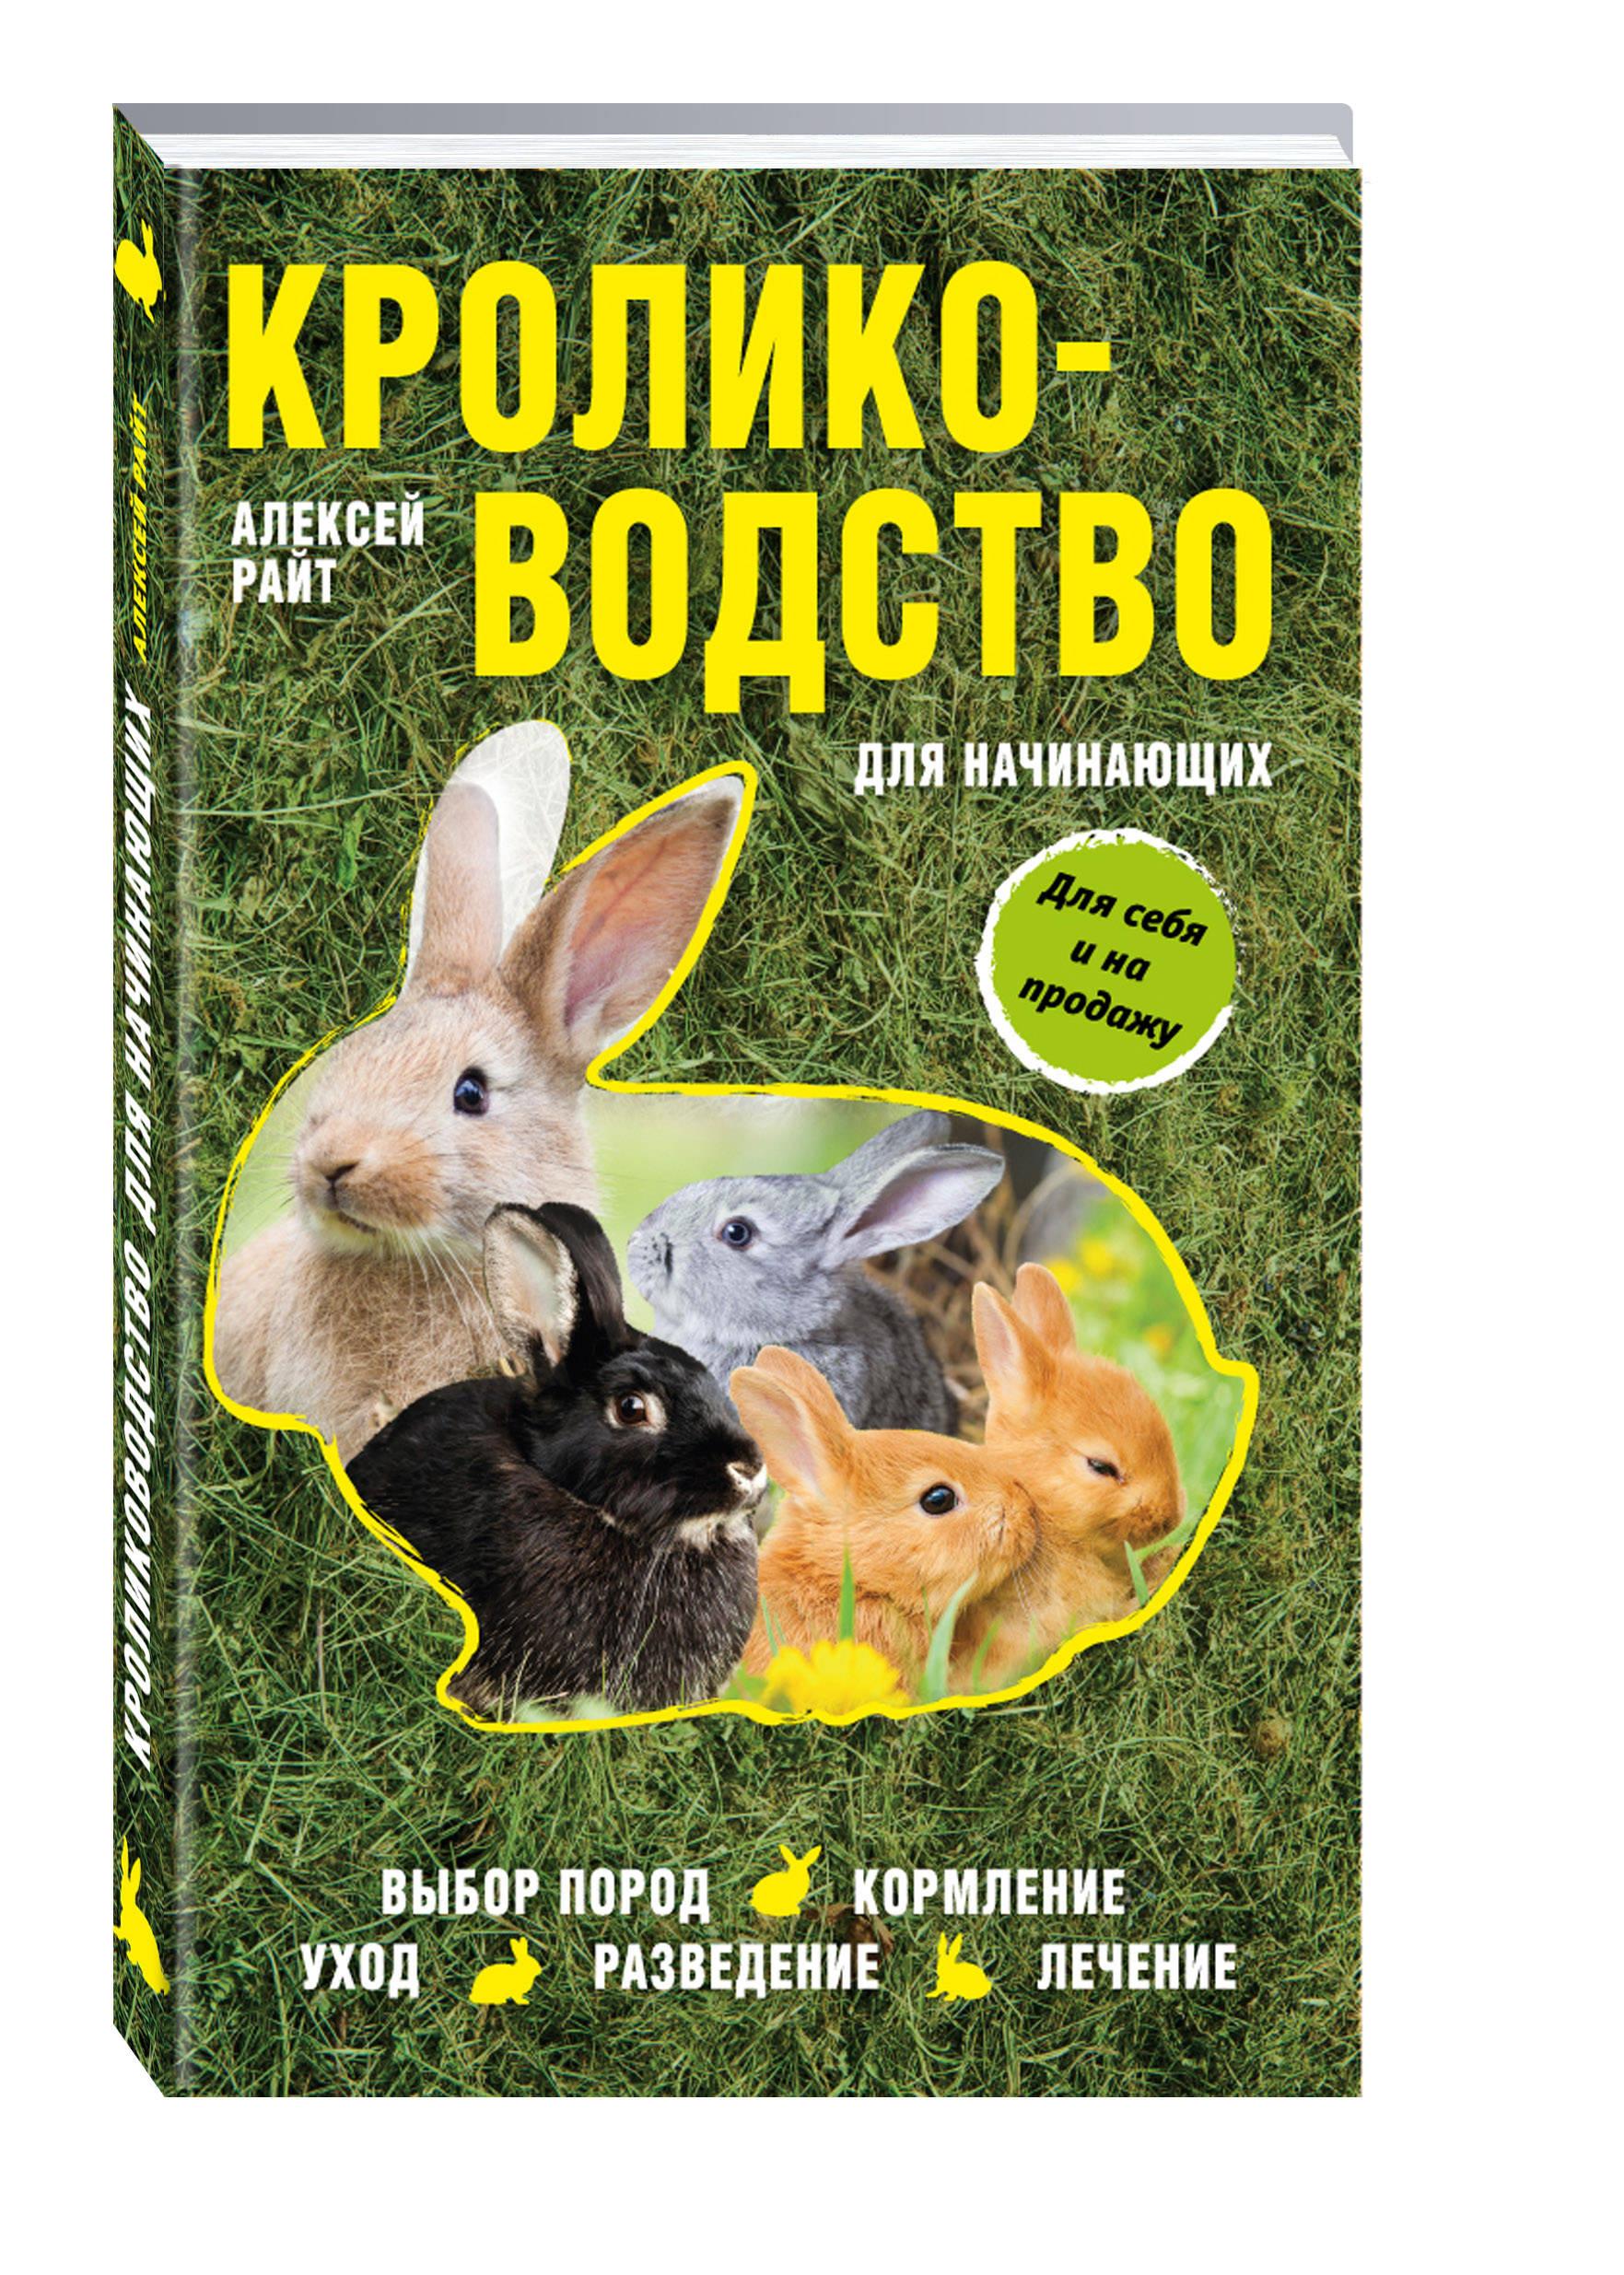 Кролиководство для начинающих ( Райт Алексей  )